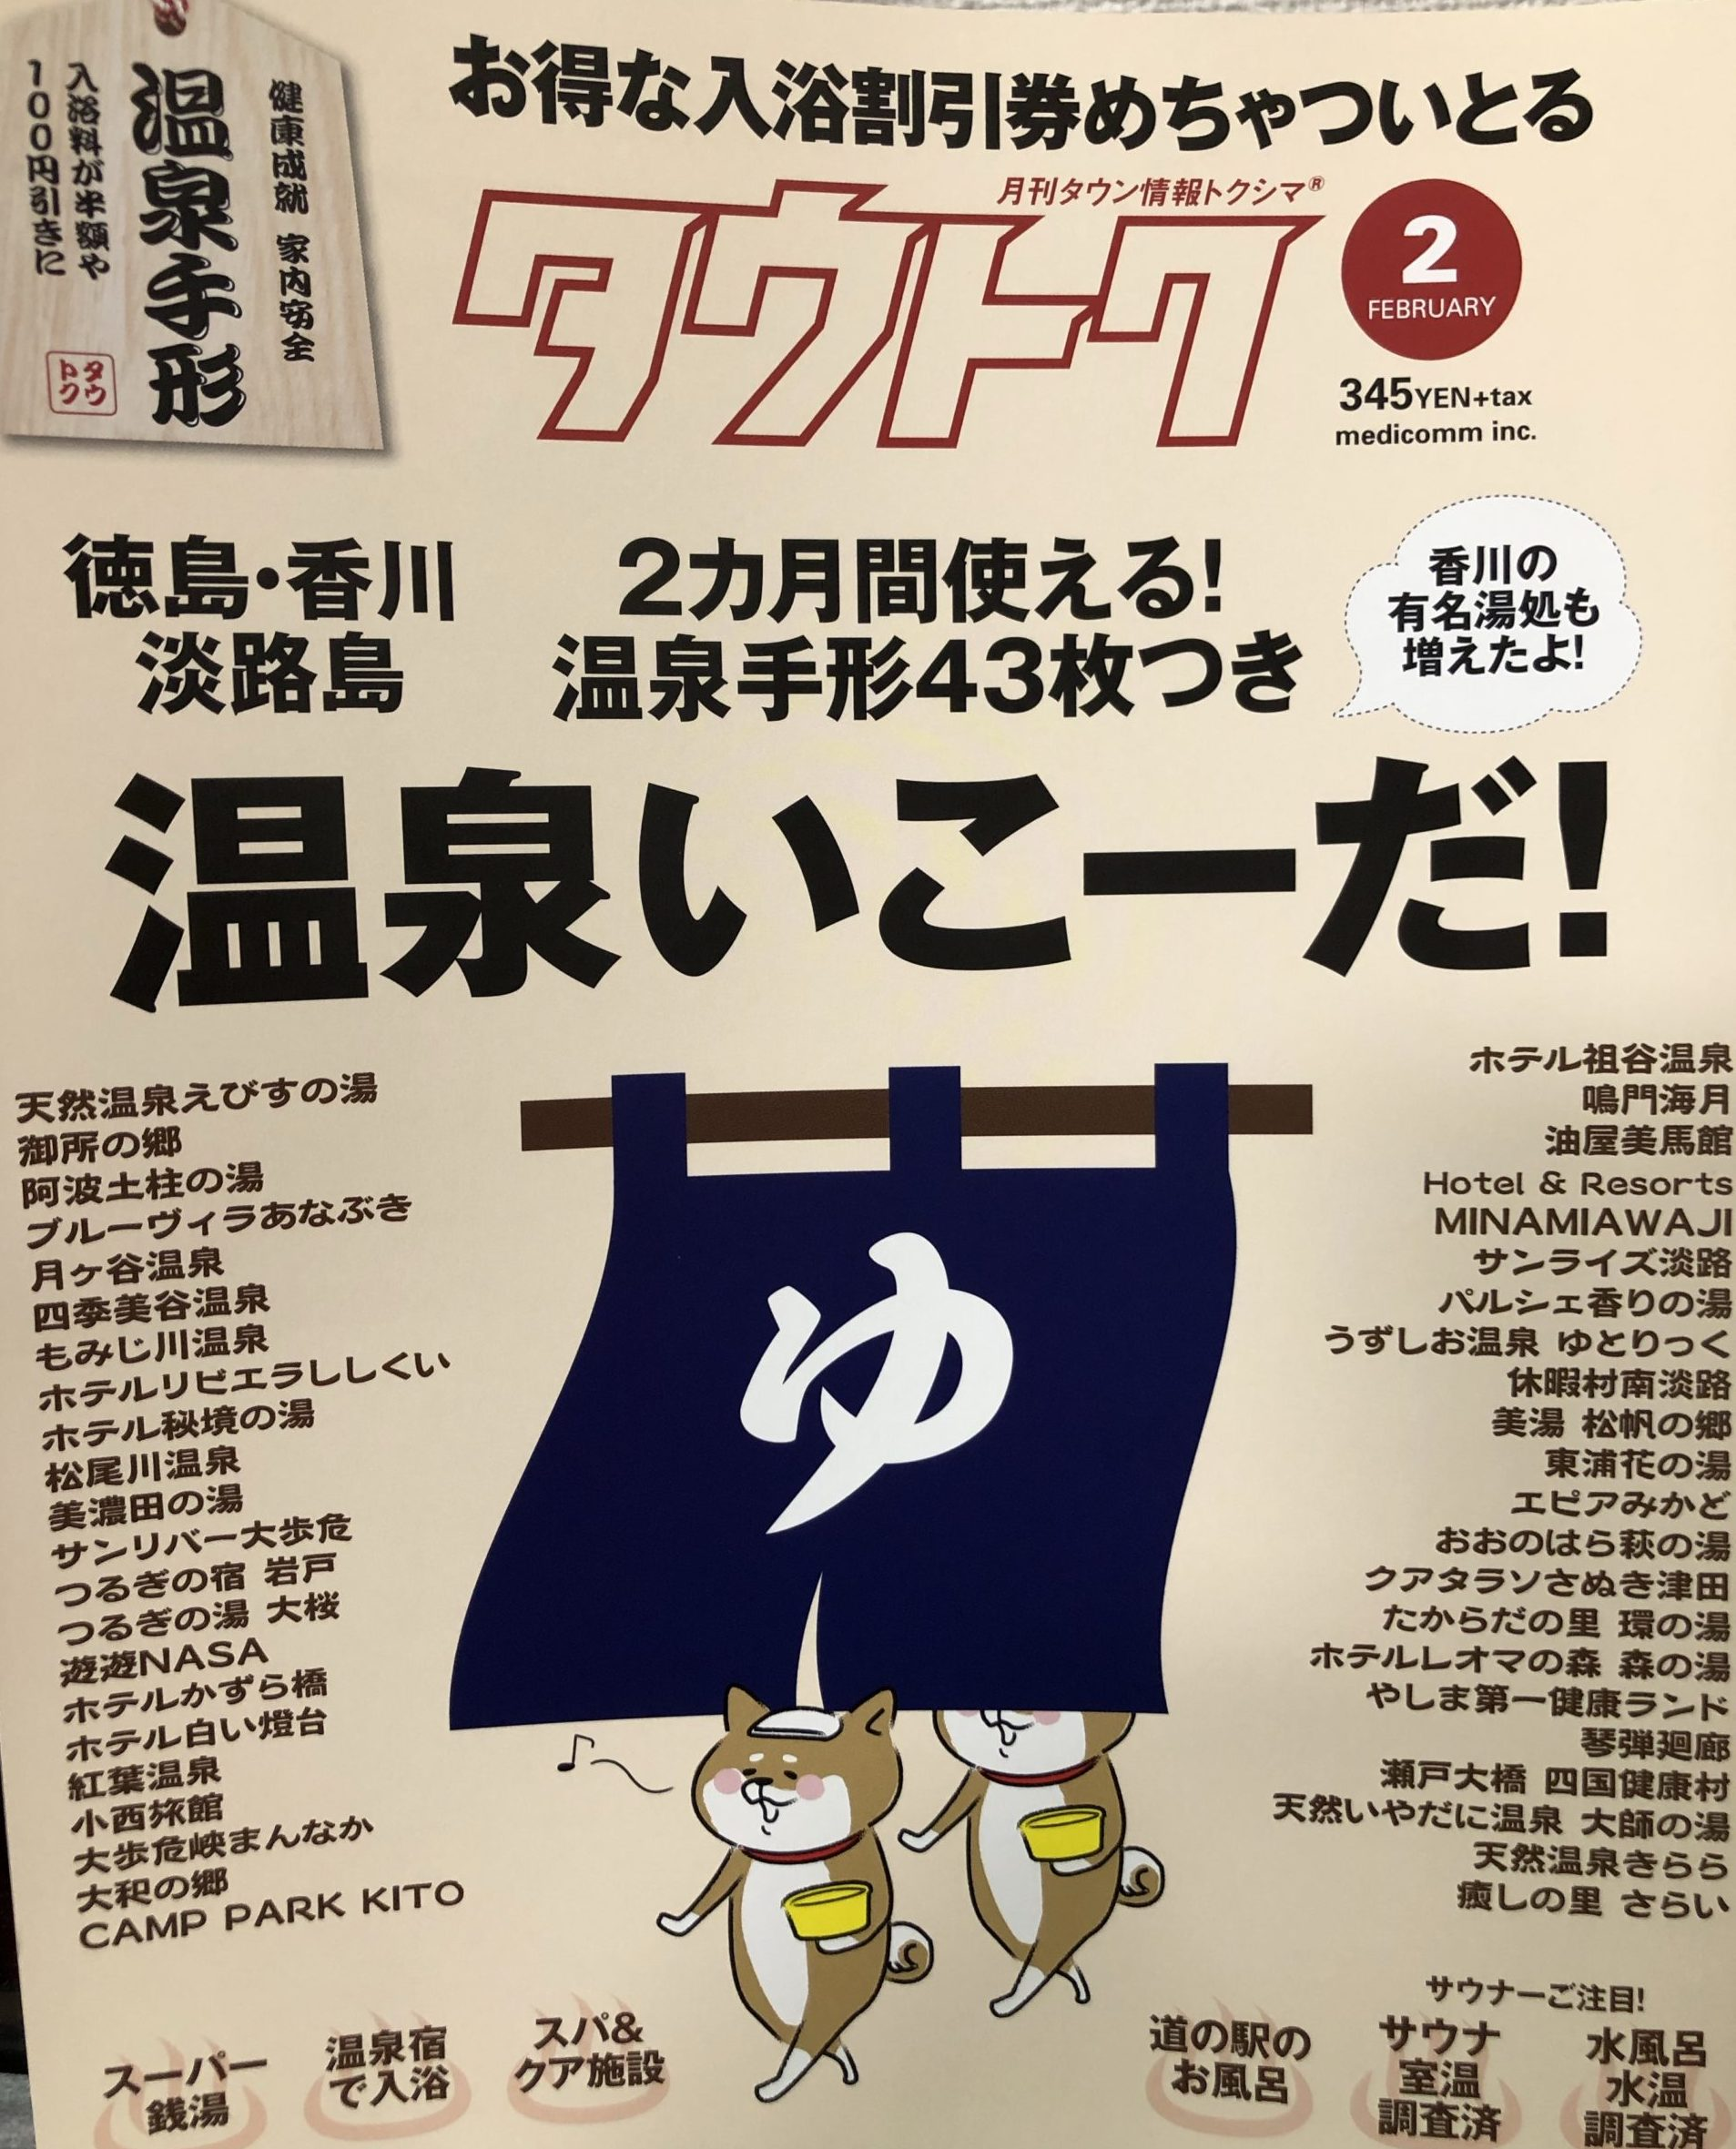 徳島観光・最新遊びは「タウトク」!徳島旅行はコンビニへGO